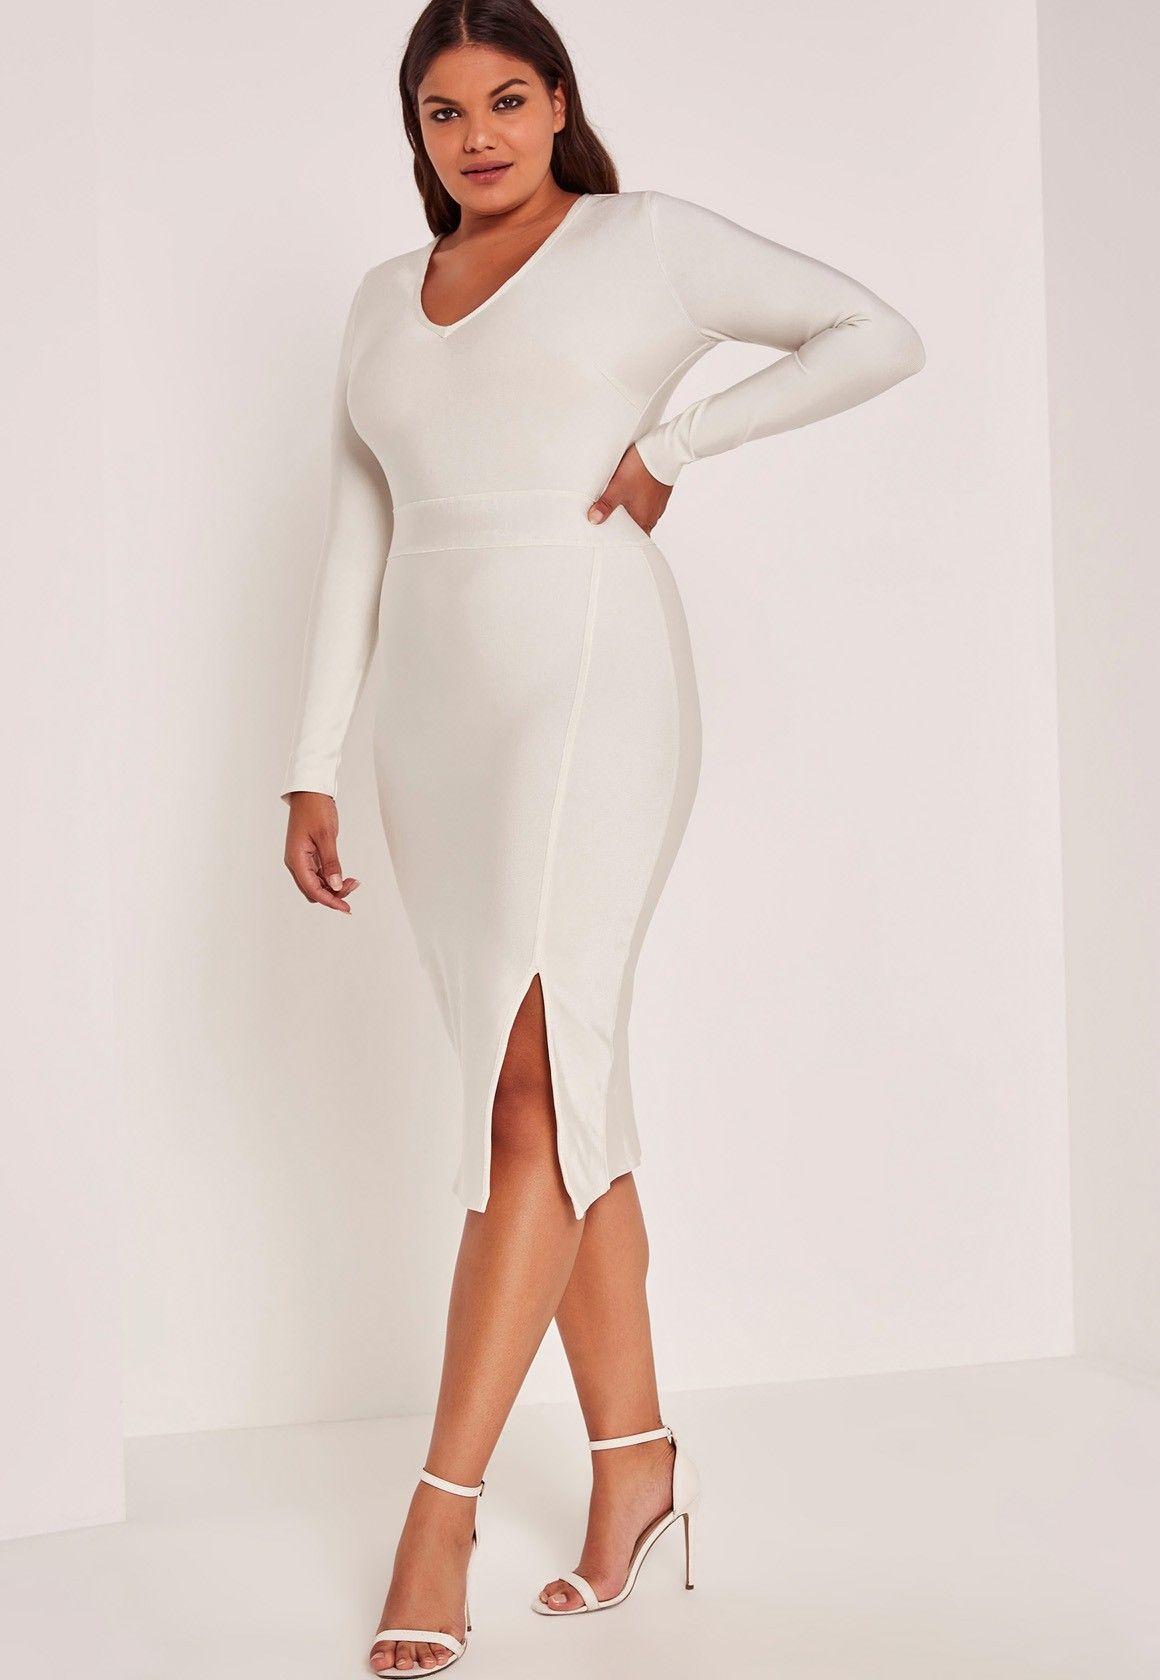 Missguided - White Plus Size Bandage V-Neck Long Sleeve ...